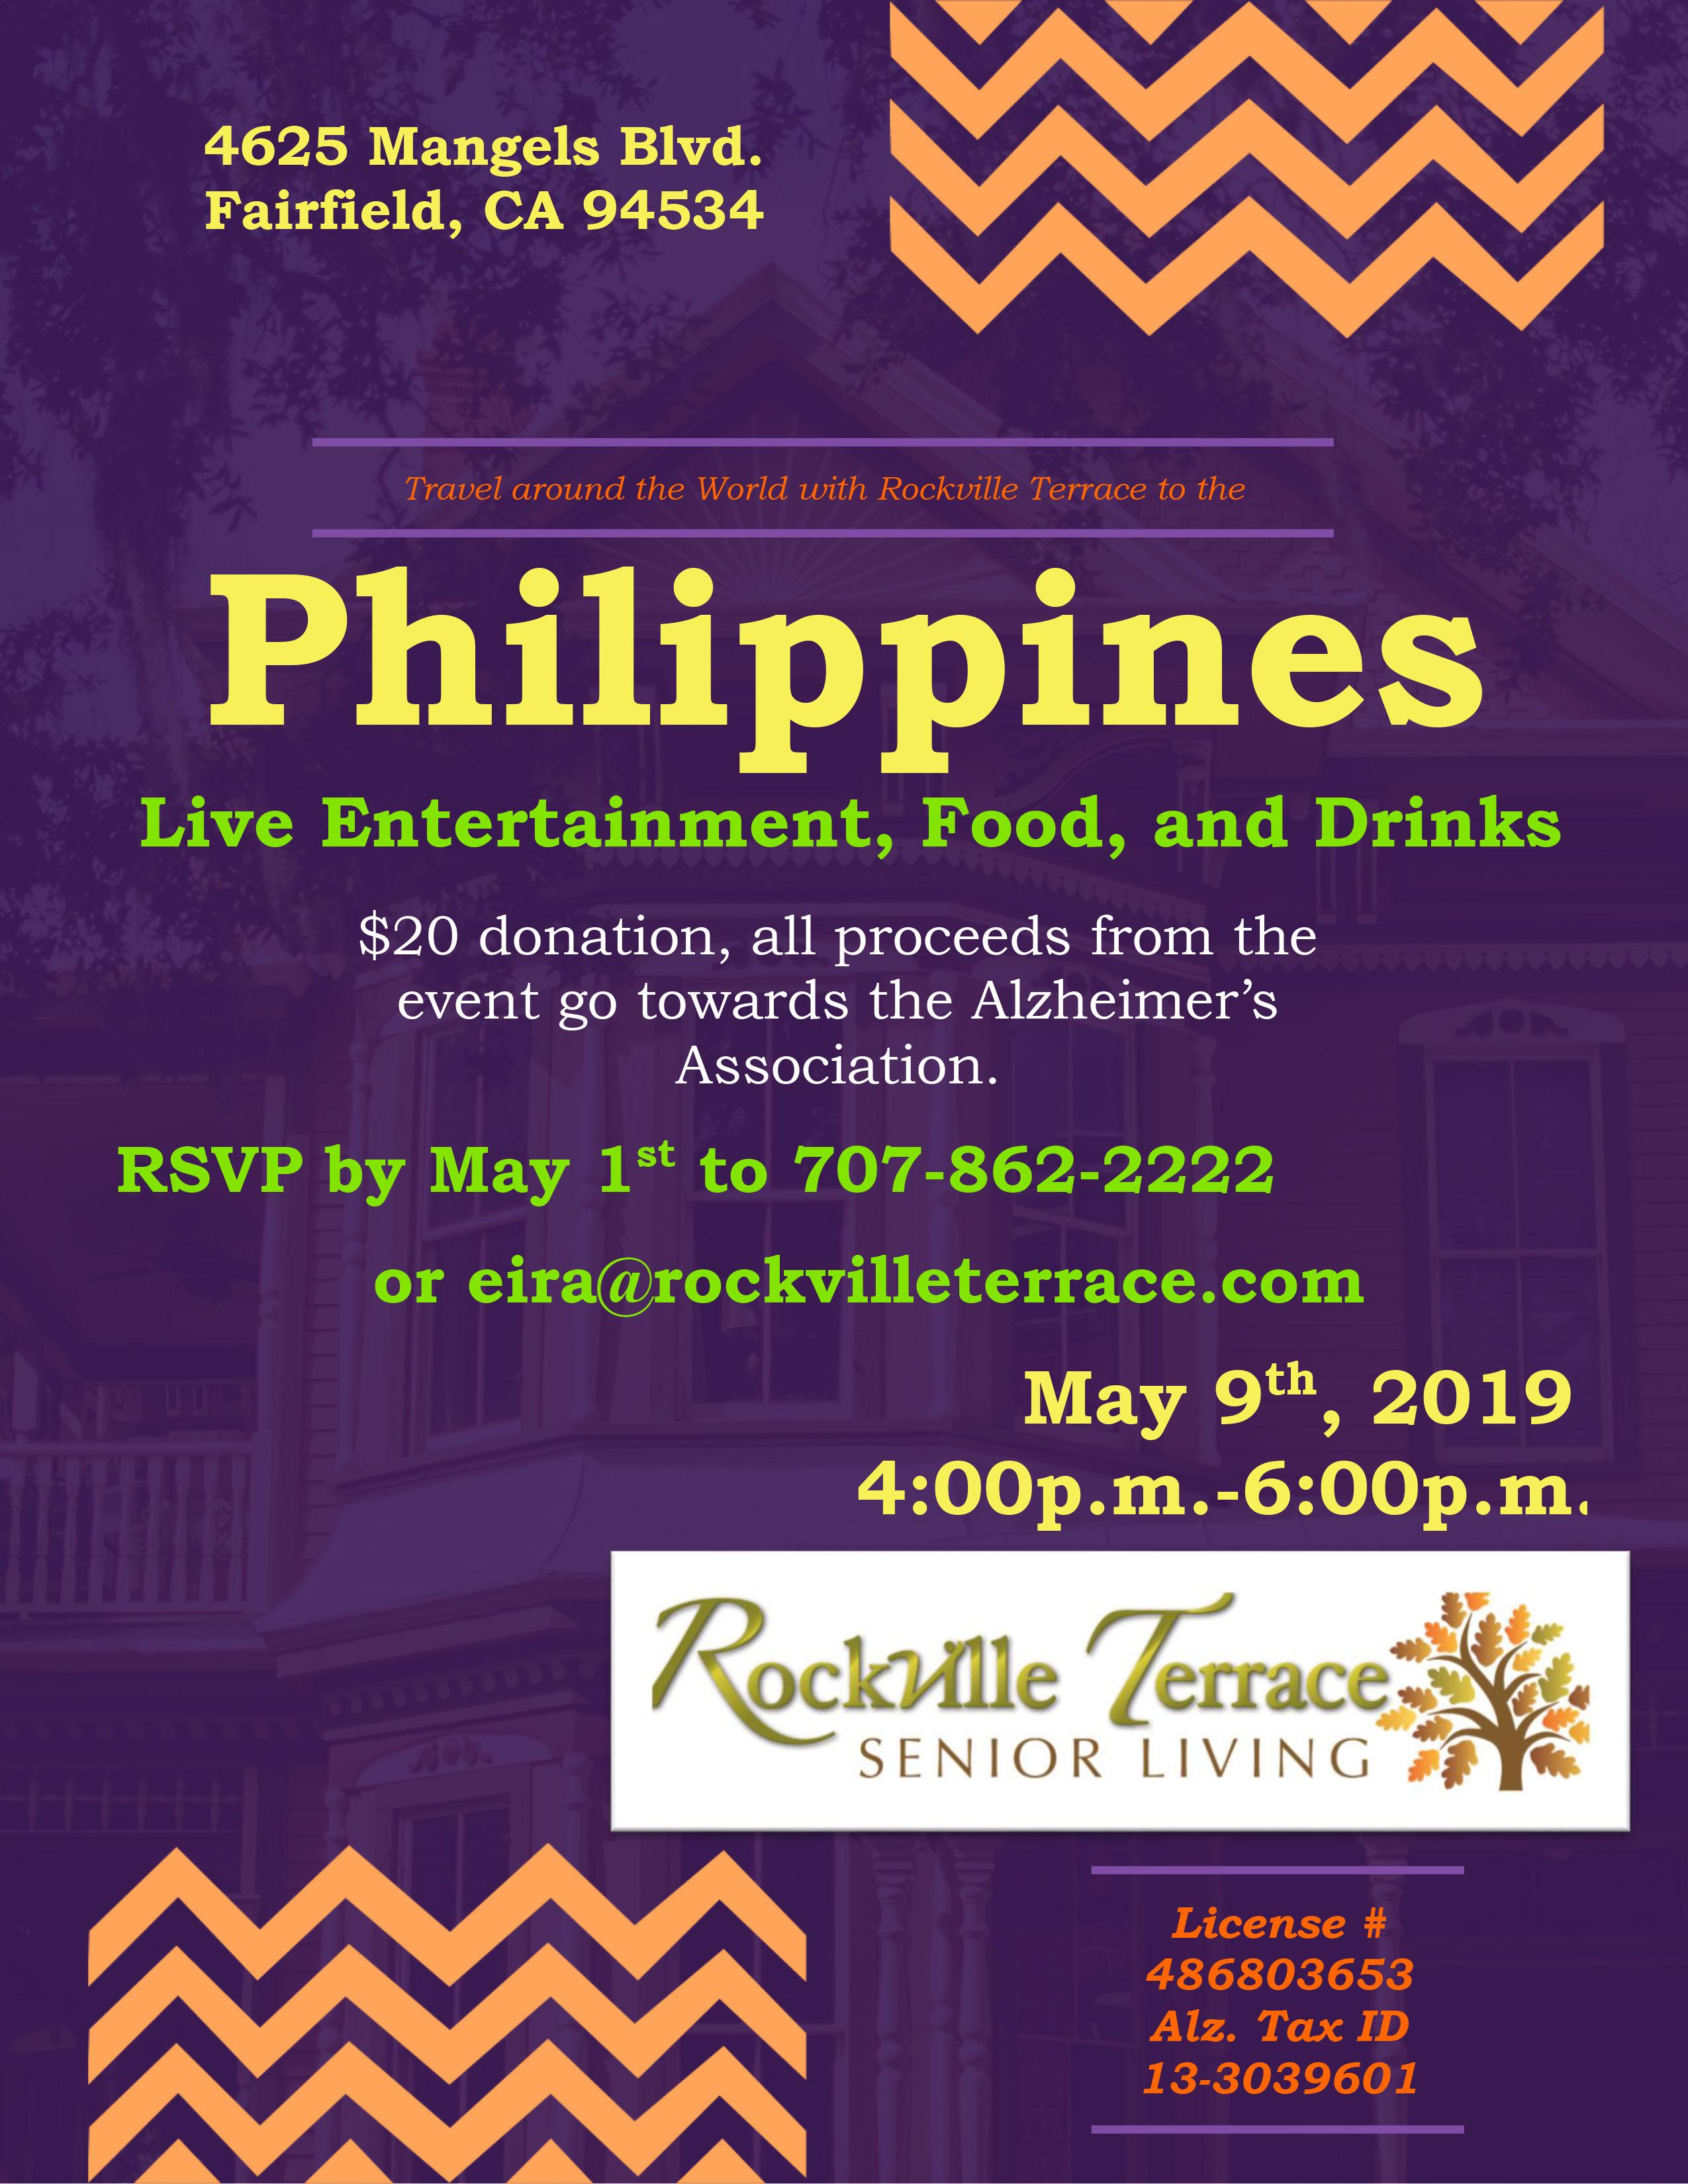 rockville-terrace-flyer-may-2019